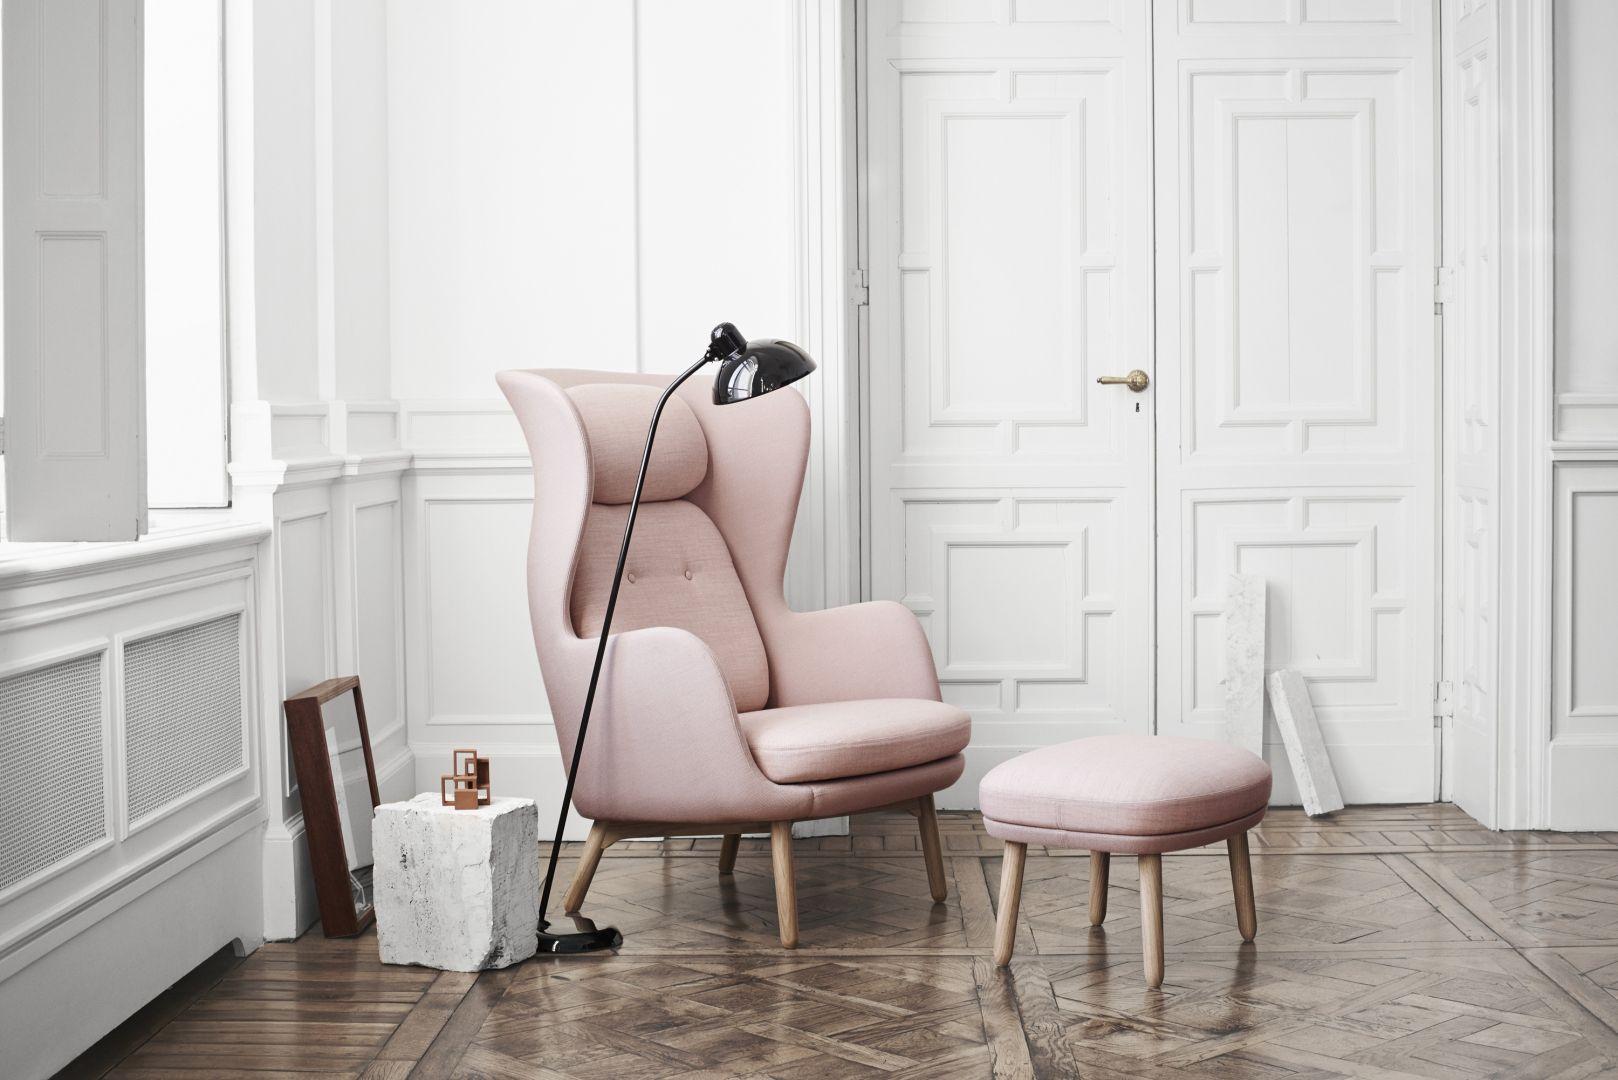 Woonkamer inspiratiefoto met Fritz Hansen Loungestoelen